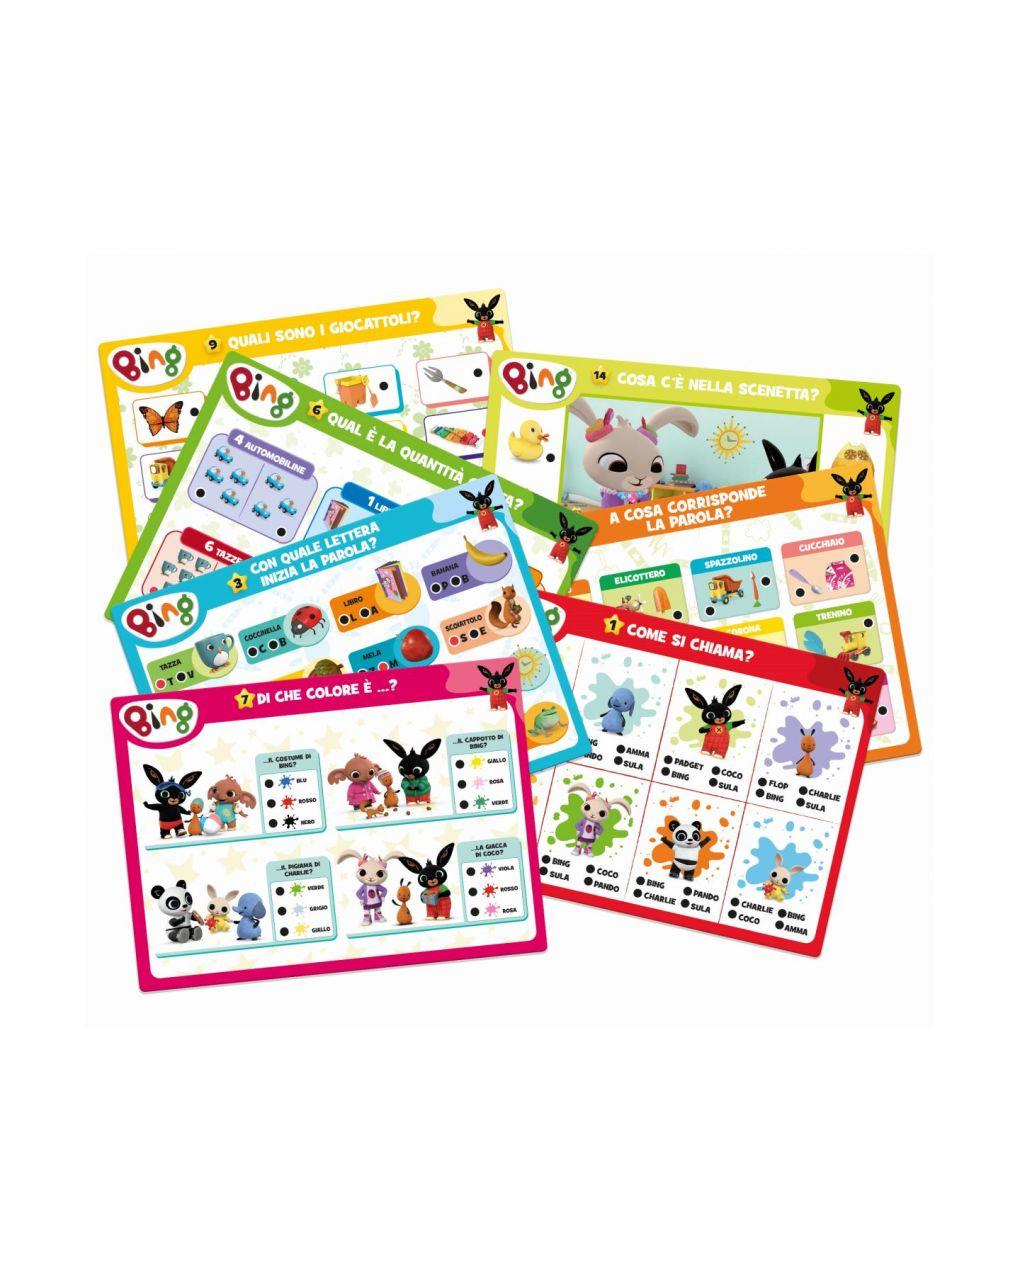 Lisciani - bing pen maxi cards - Bing